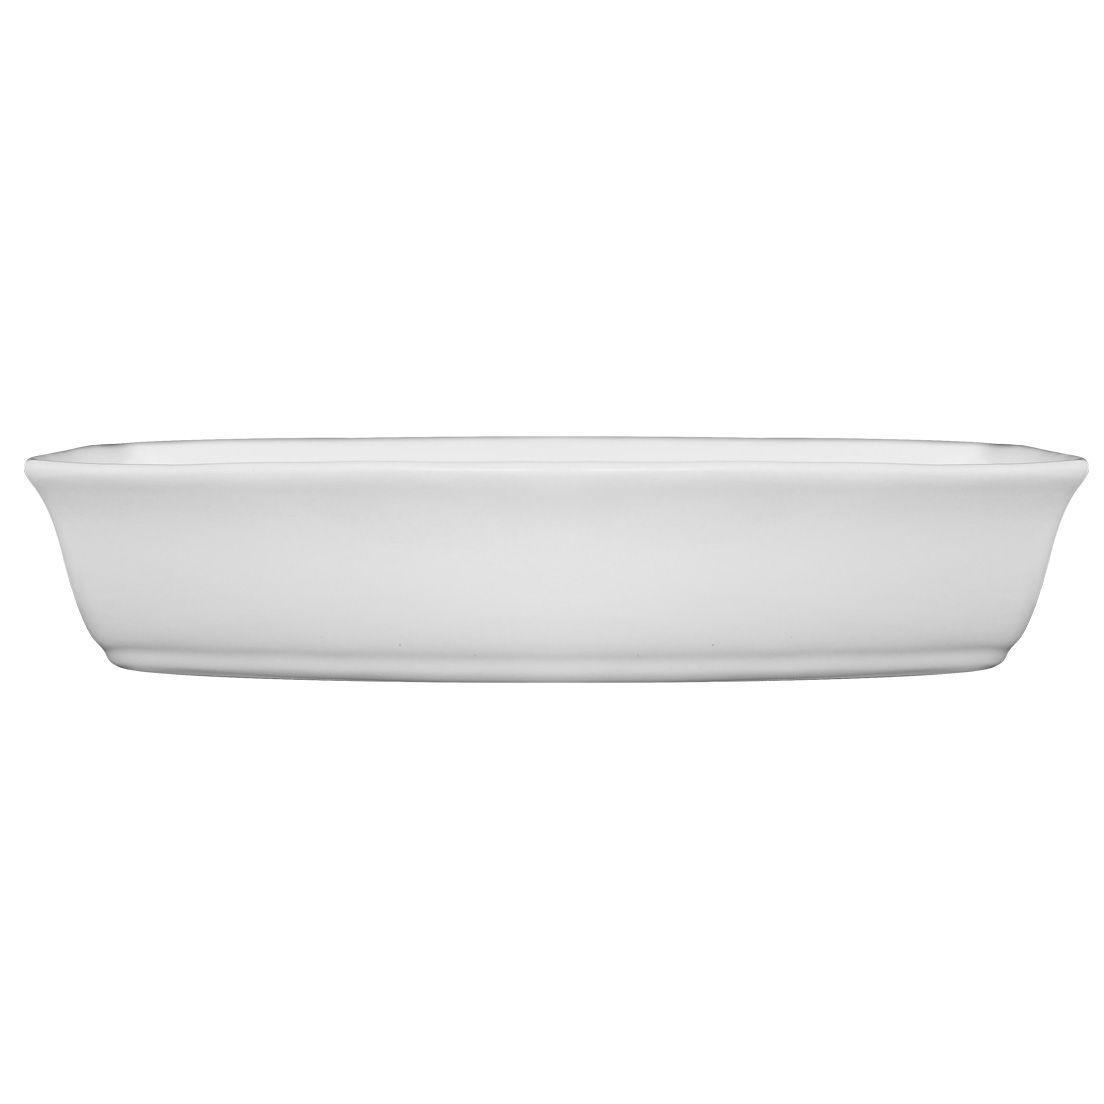 Forma Assadeira 36Cm para Micro-Ondas, Forno Convencional e Elétrico de Cerâmica Retangular Branca